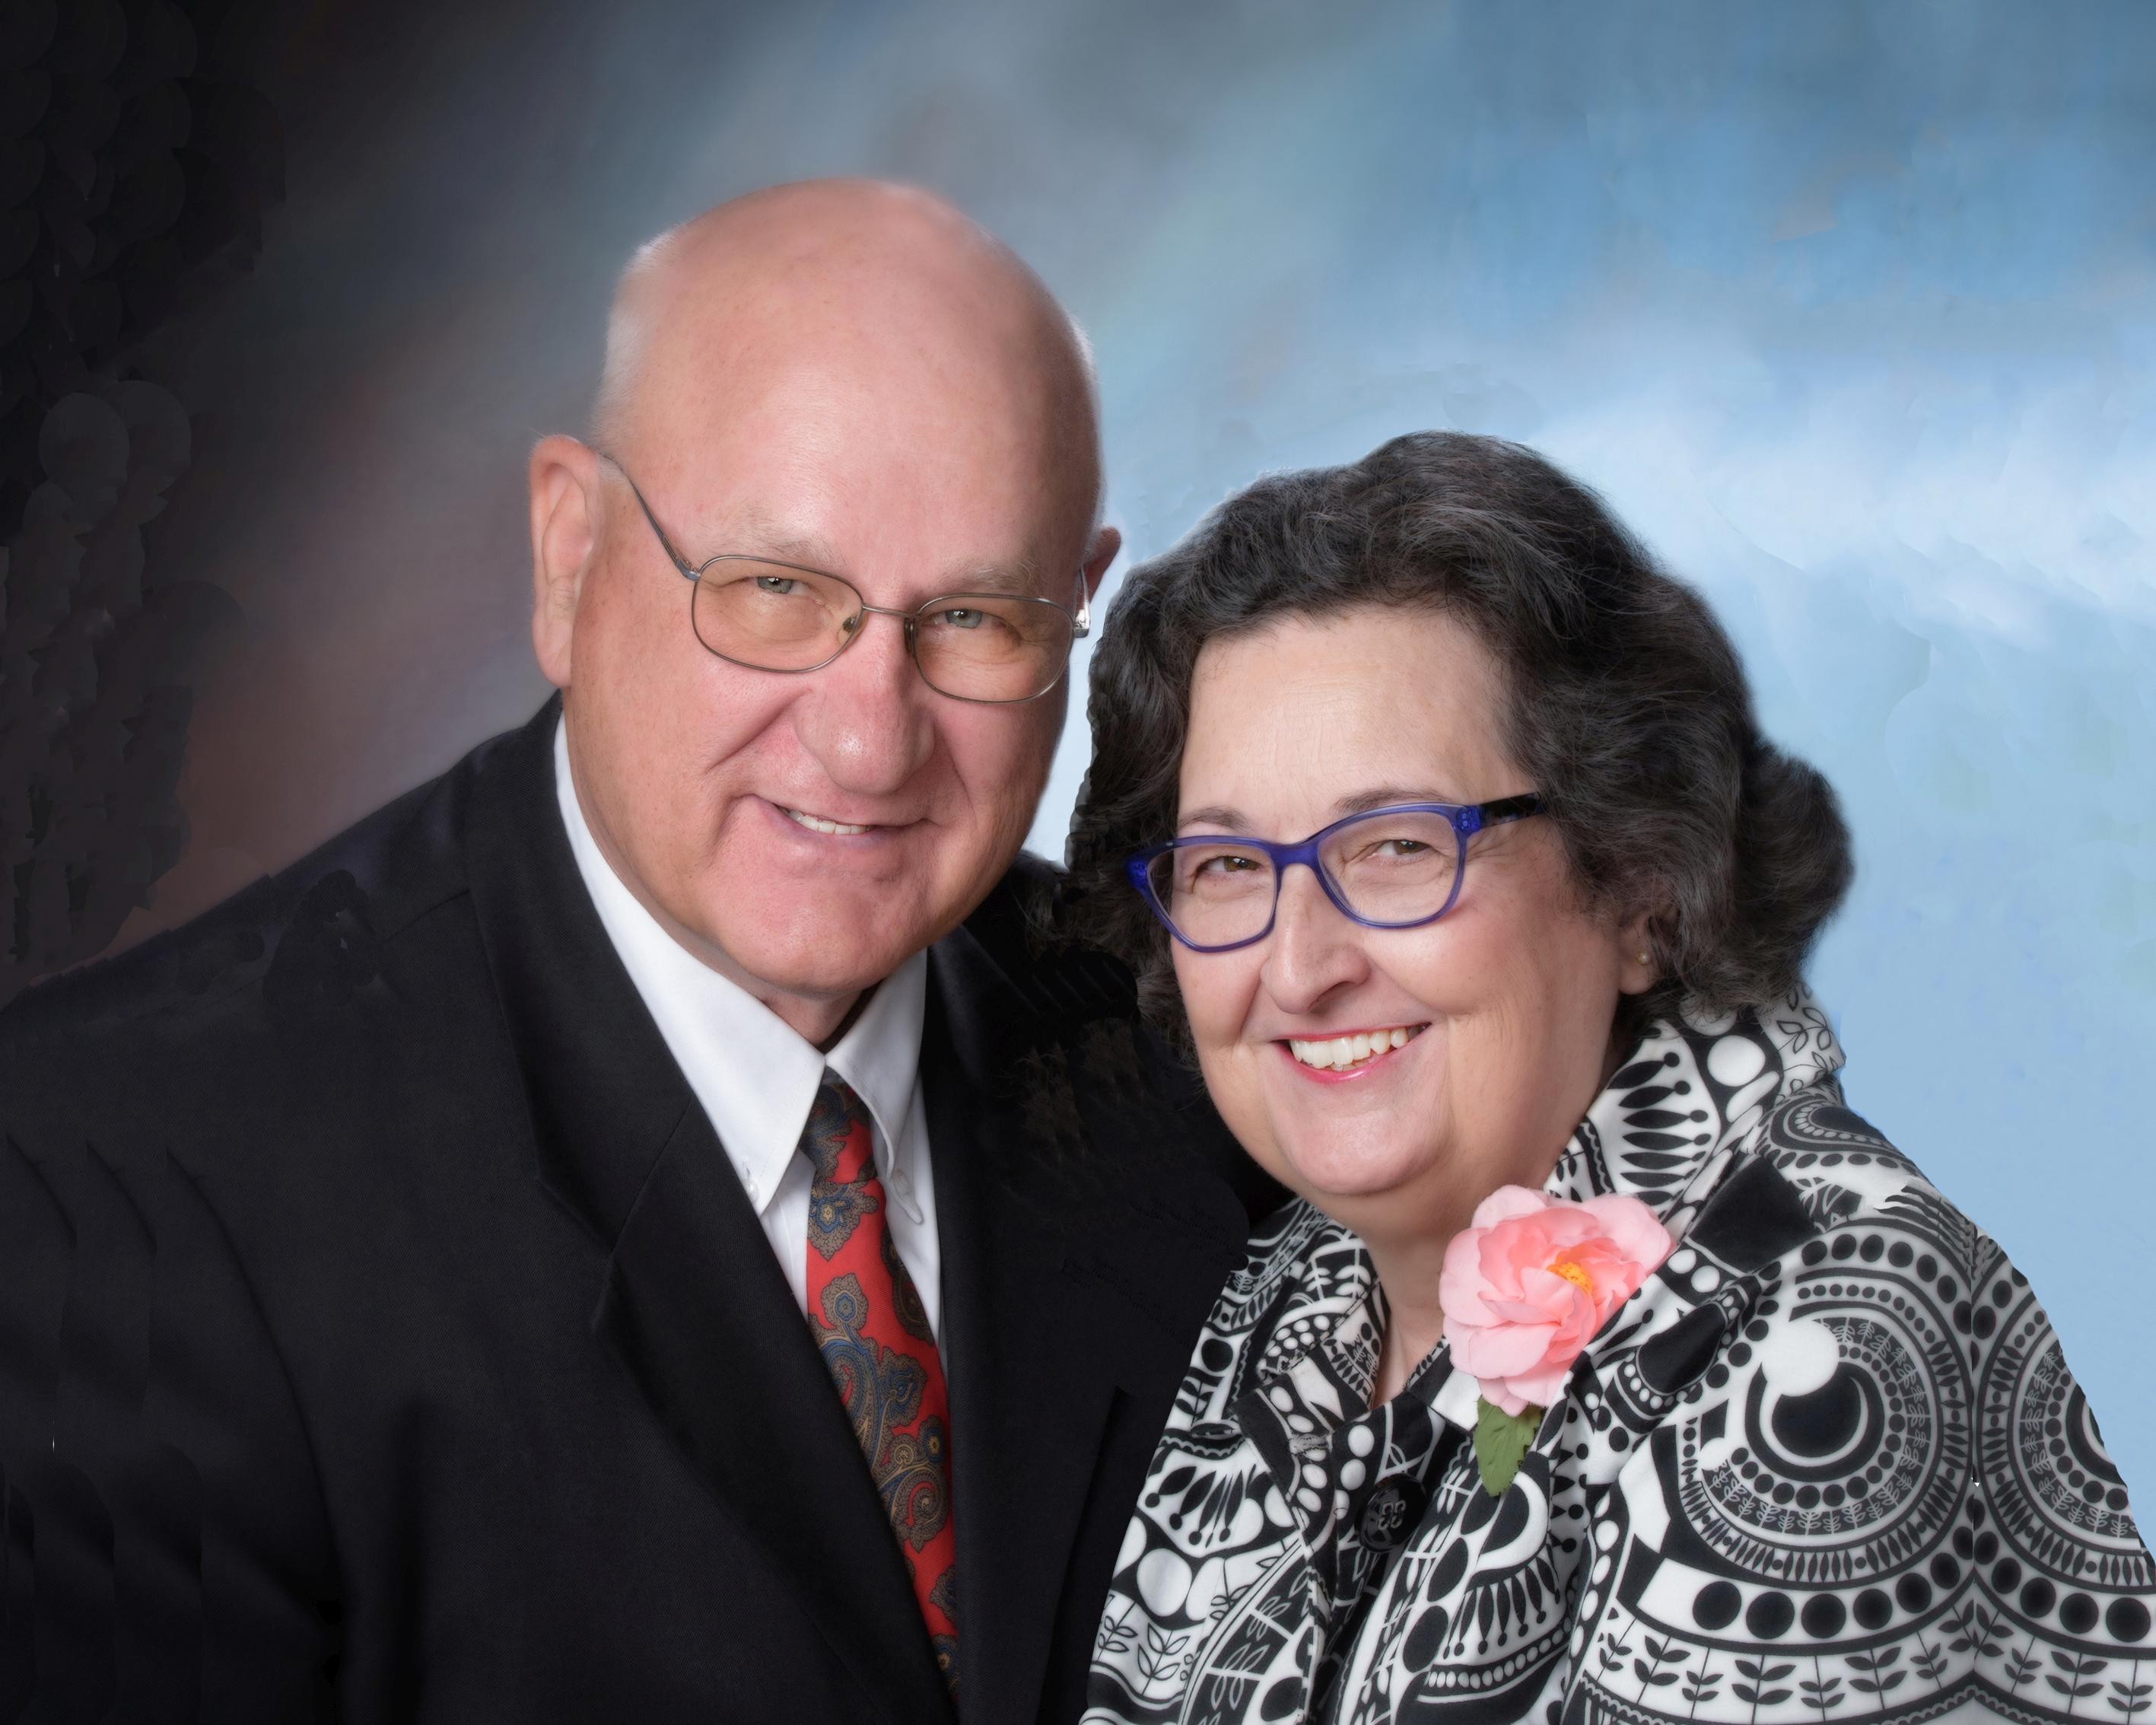 Gary W. and Cheryl R. Pettus